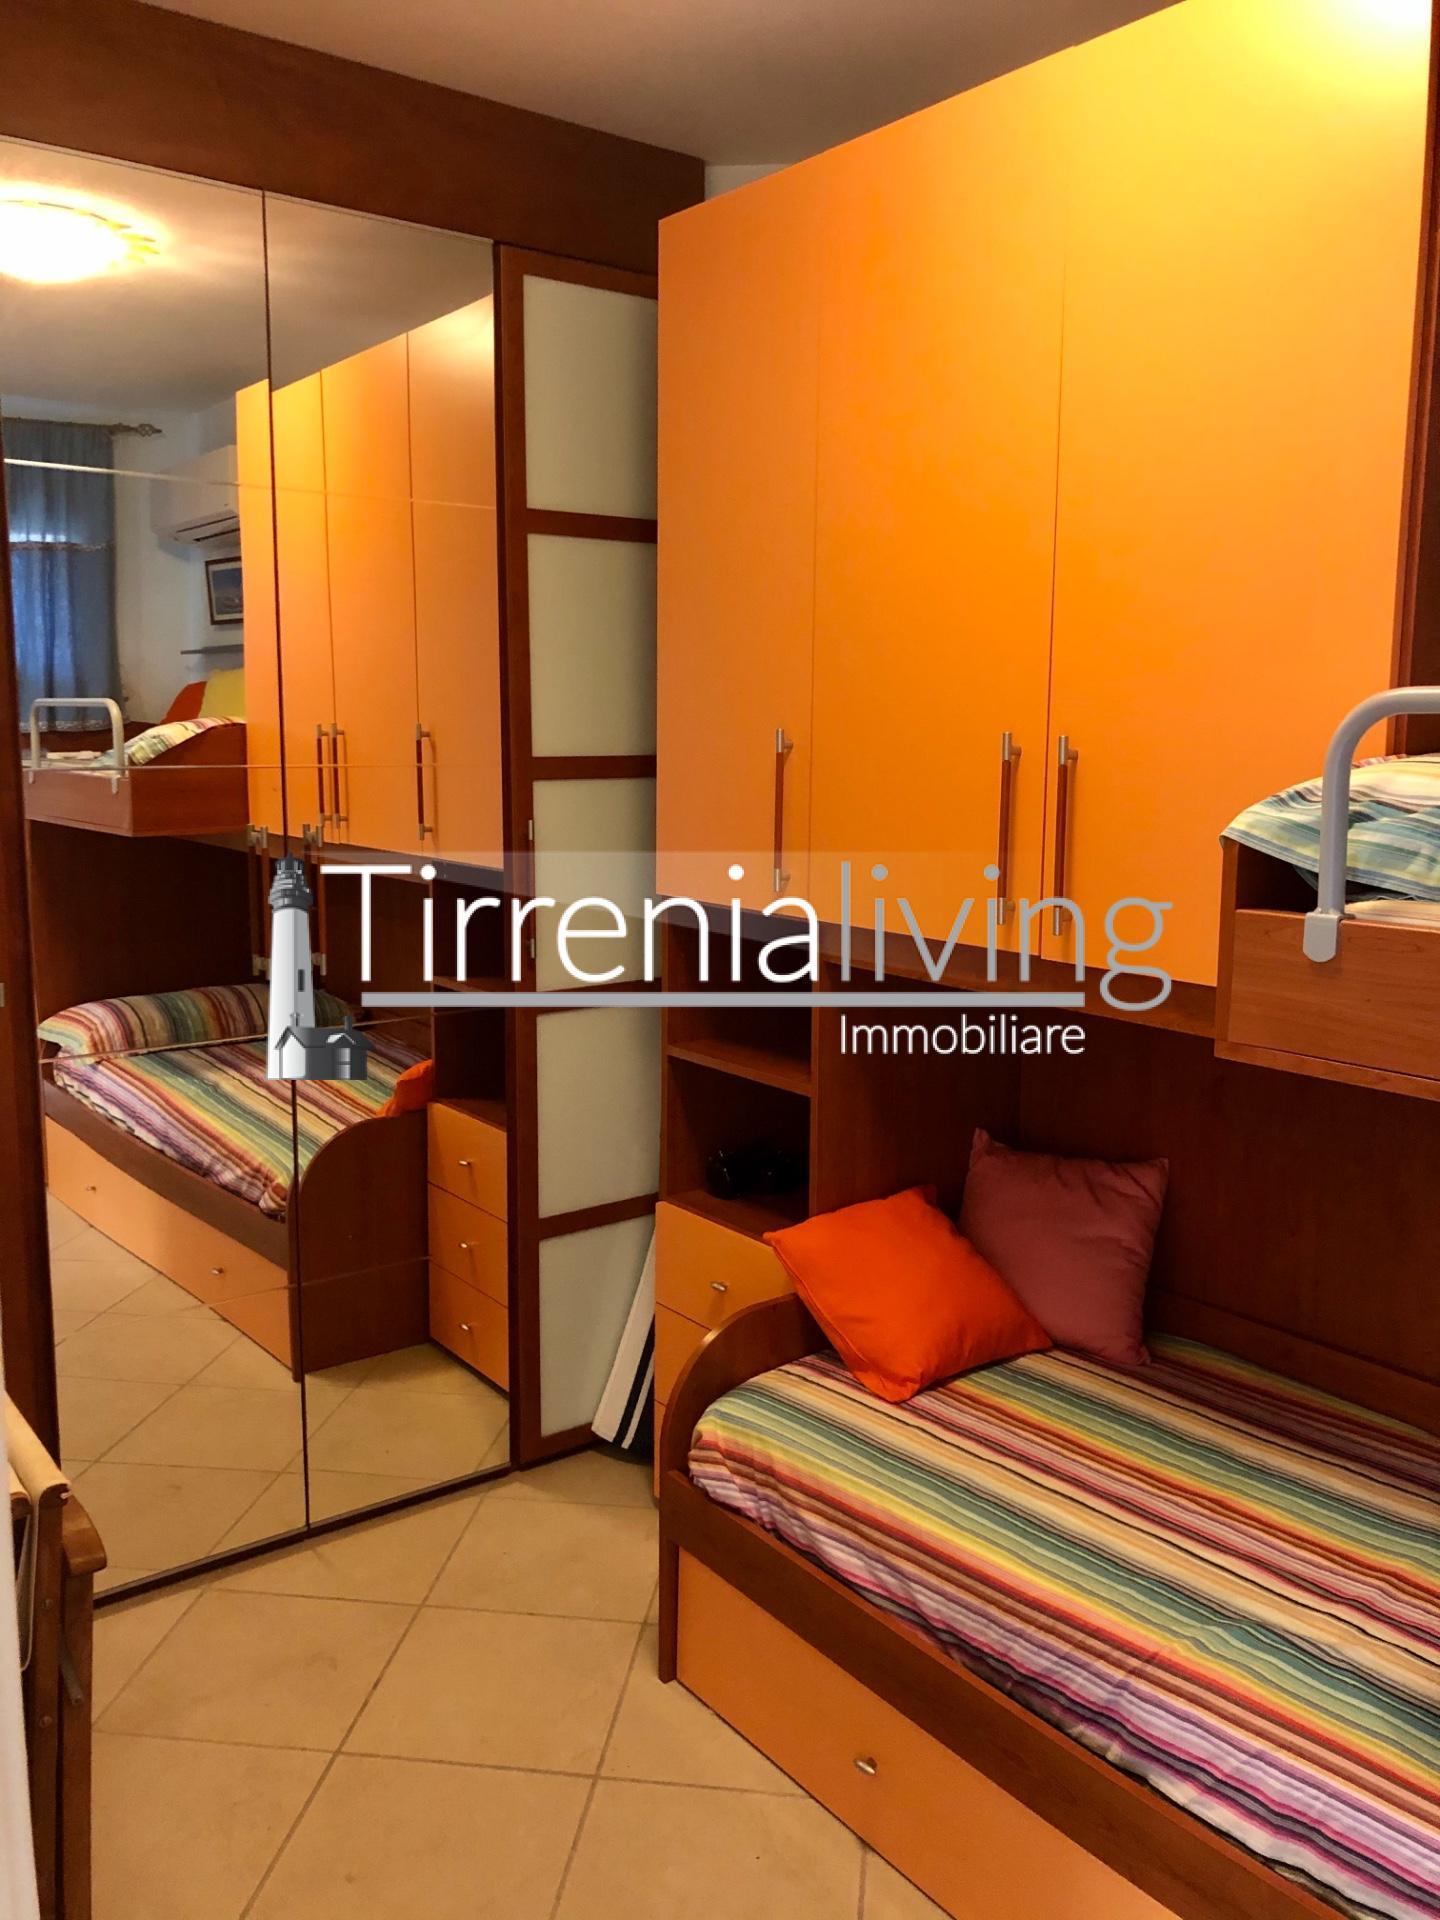 Appartamento in vendita, rif. T-366